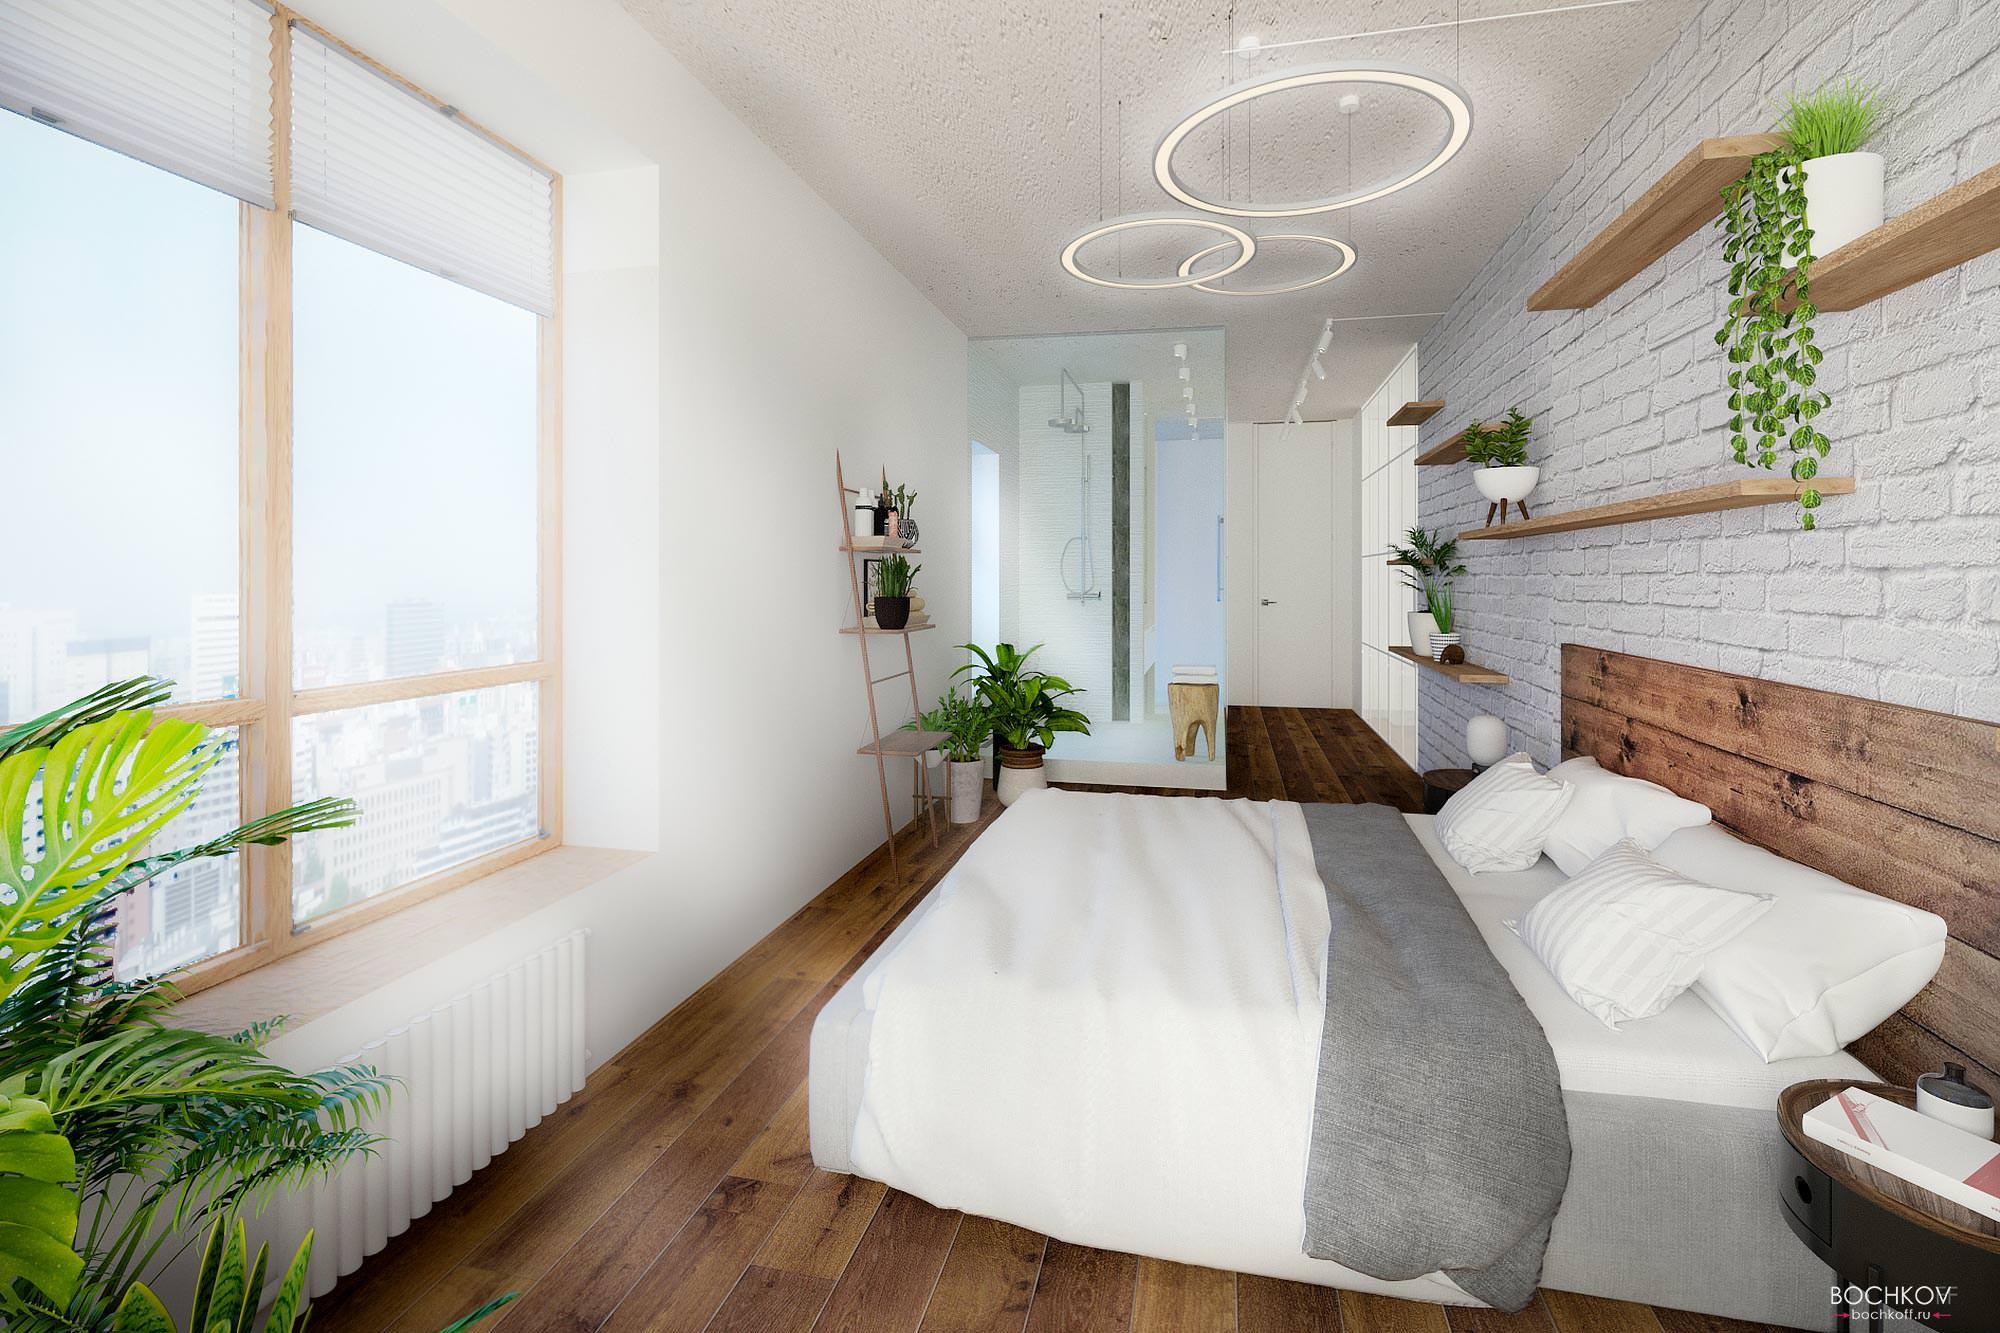 Спальная комната с видовым окном, Дизайн интерьера в ЖК Макаровский 2020г.